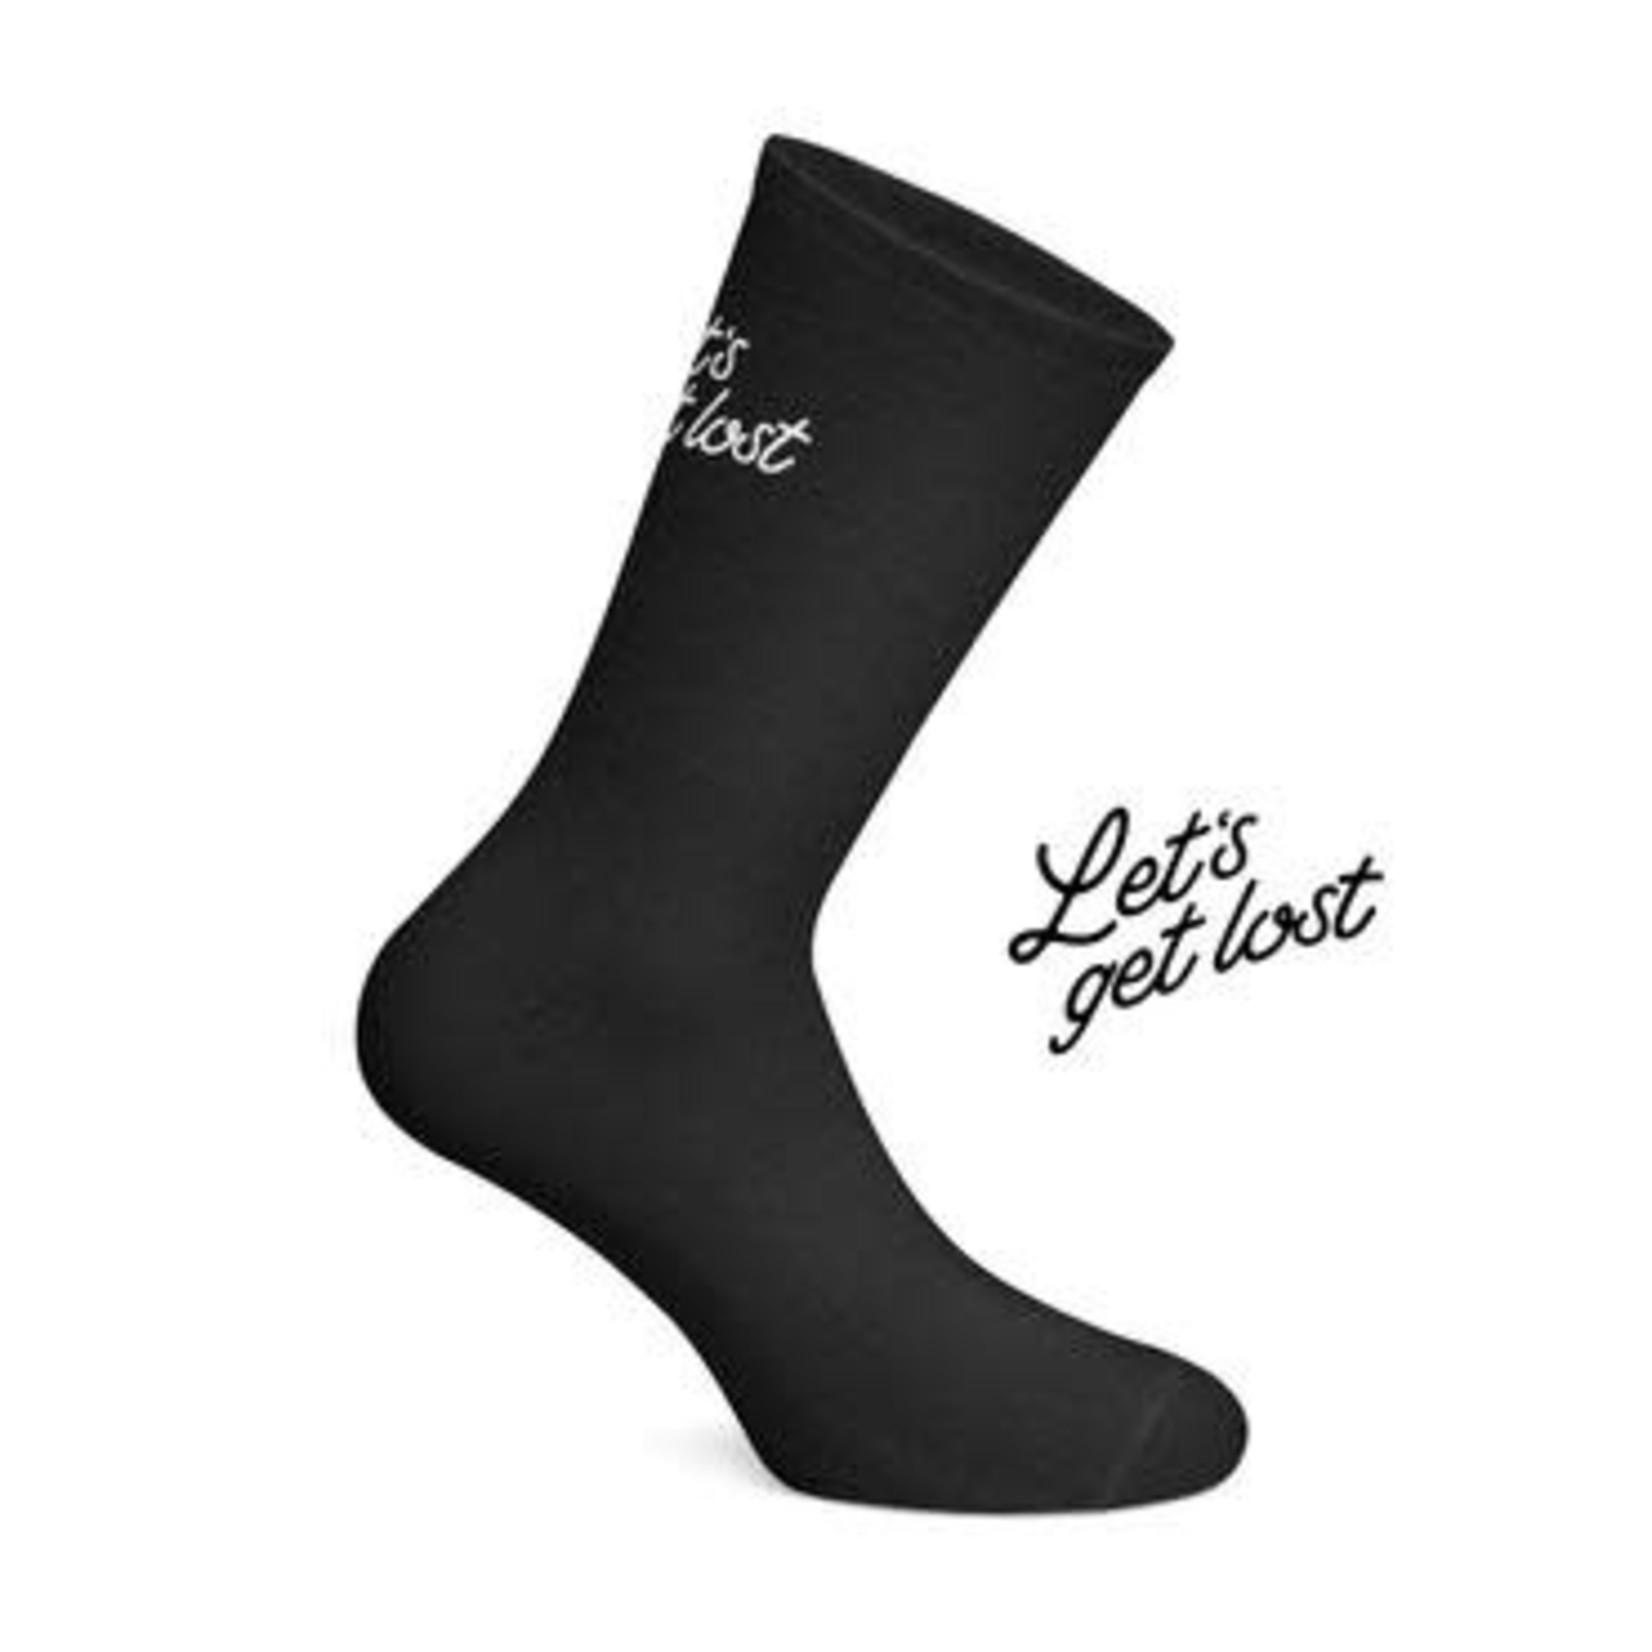 Socks-'Let's Get Lost' black